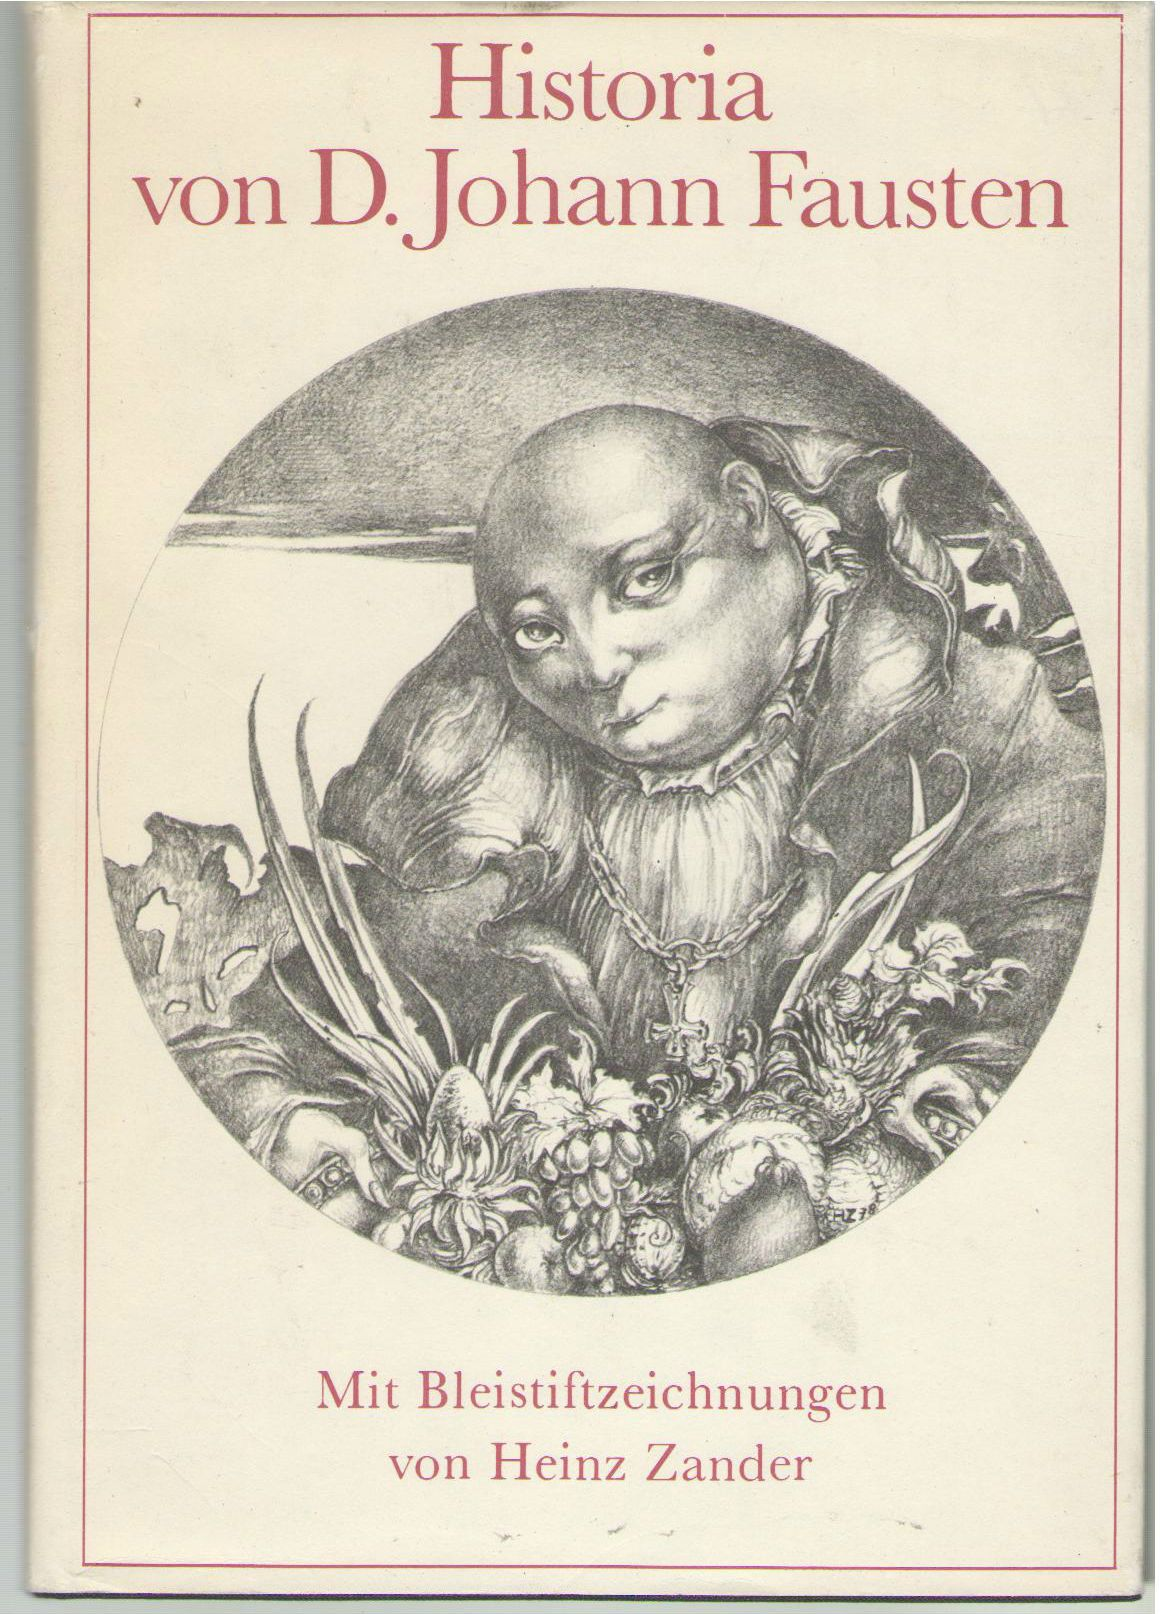 Historia von D. Johann Fausten: Dem weitbeschreiten Zauberer und Schwarzkunstler (1587) (German Edition)